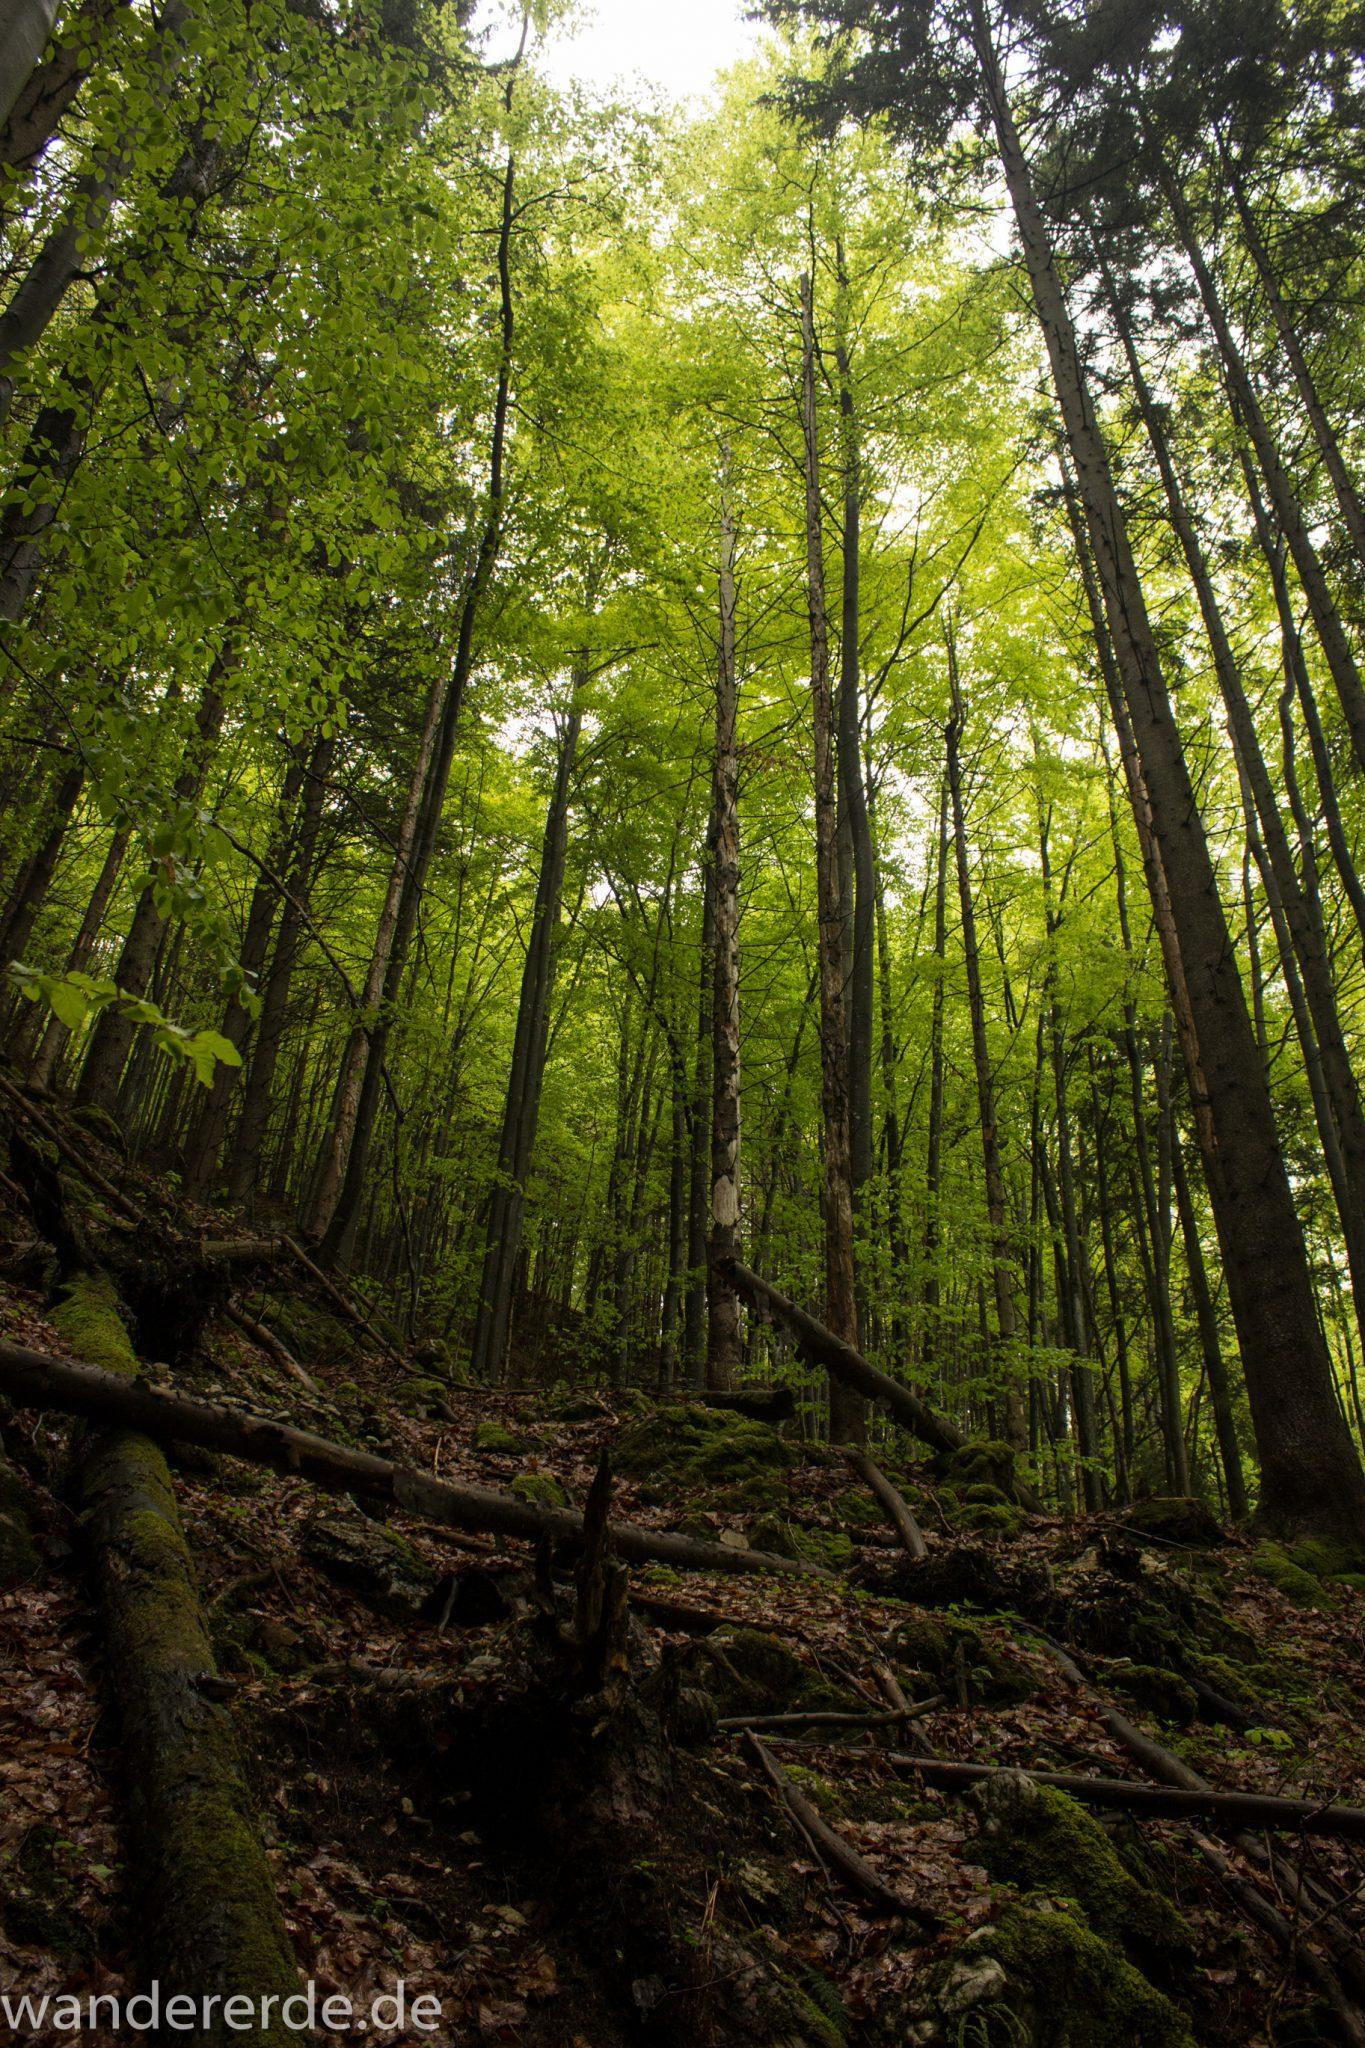 Wanderung beim Alpsee bei Hohenschwangau, schöner schmaler Wanderweg durch Laubwald und Nadelwald, Frühling in Bayern, alte Bäume werden liegen gelassen